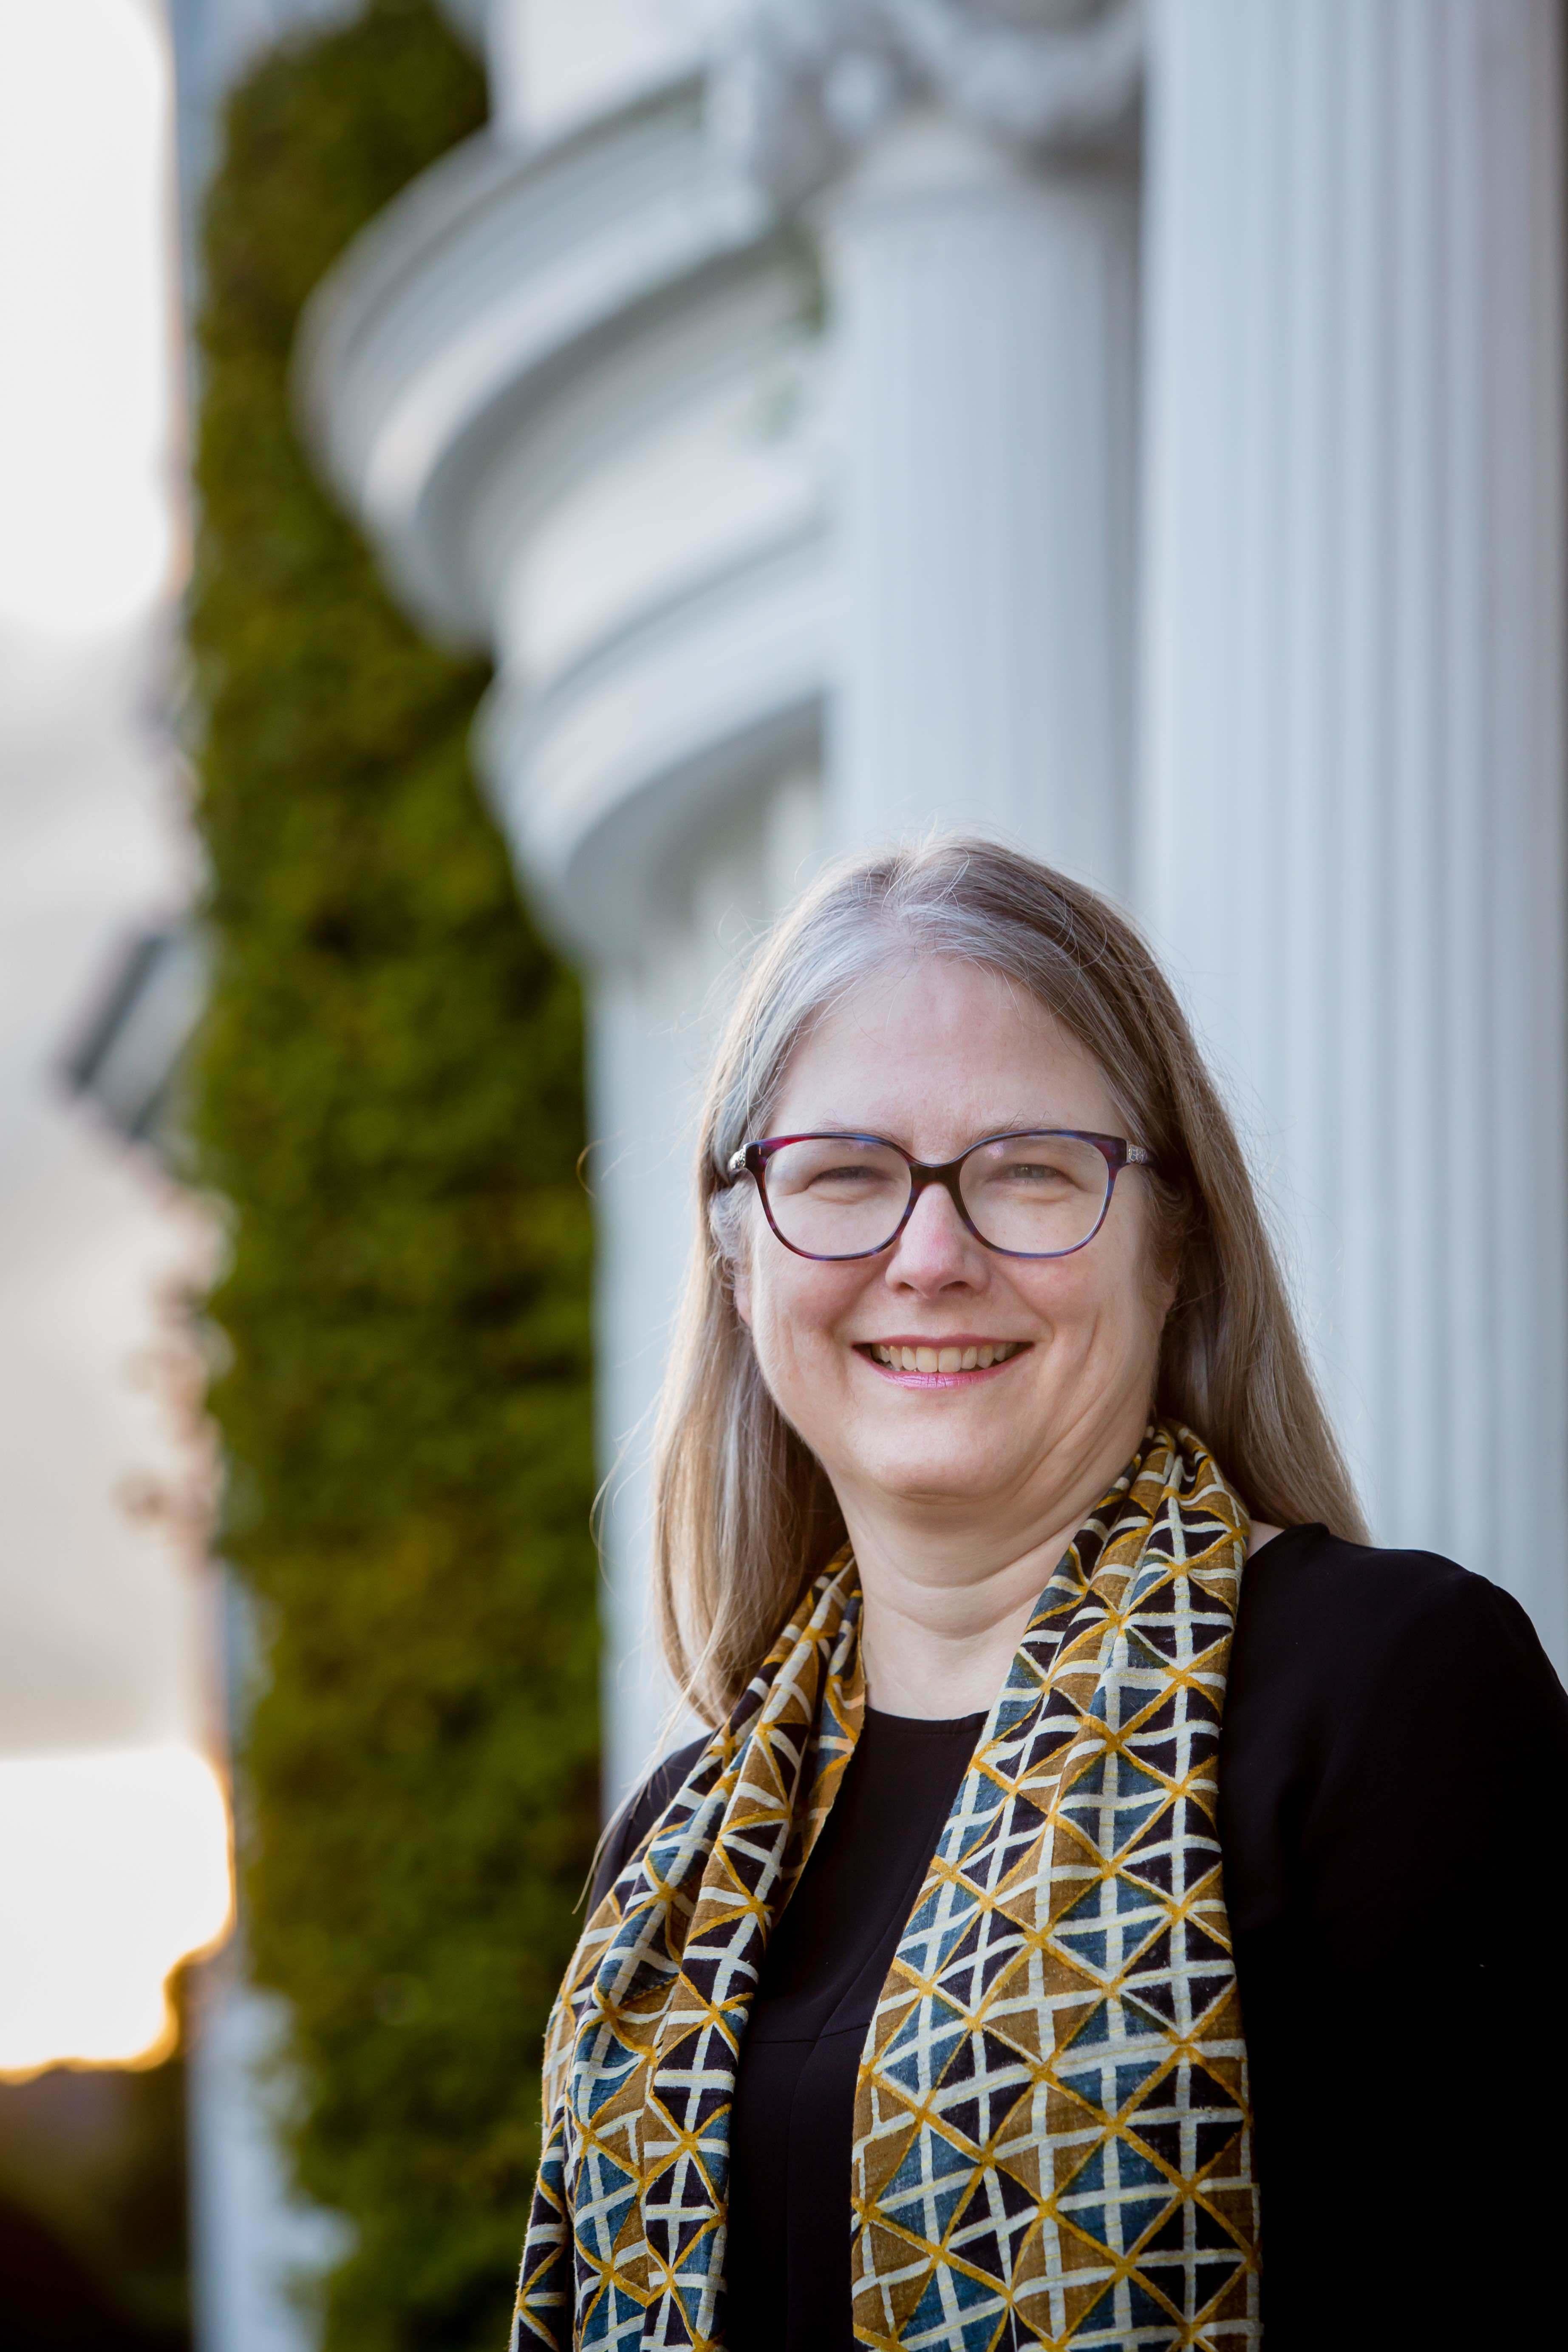 Dr Kelly Sloan